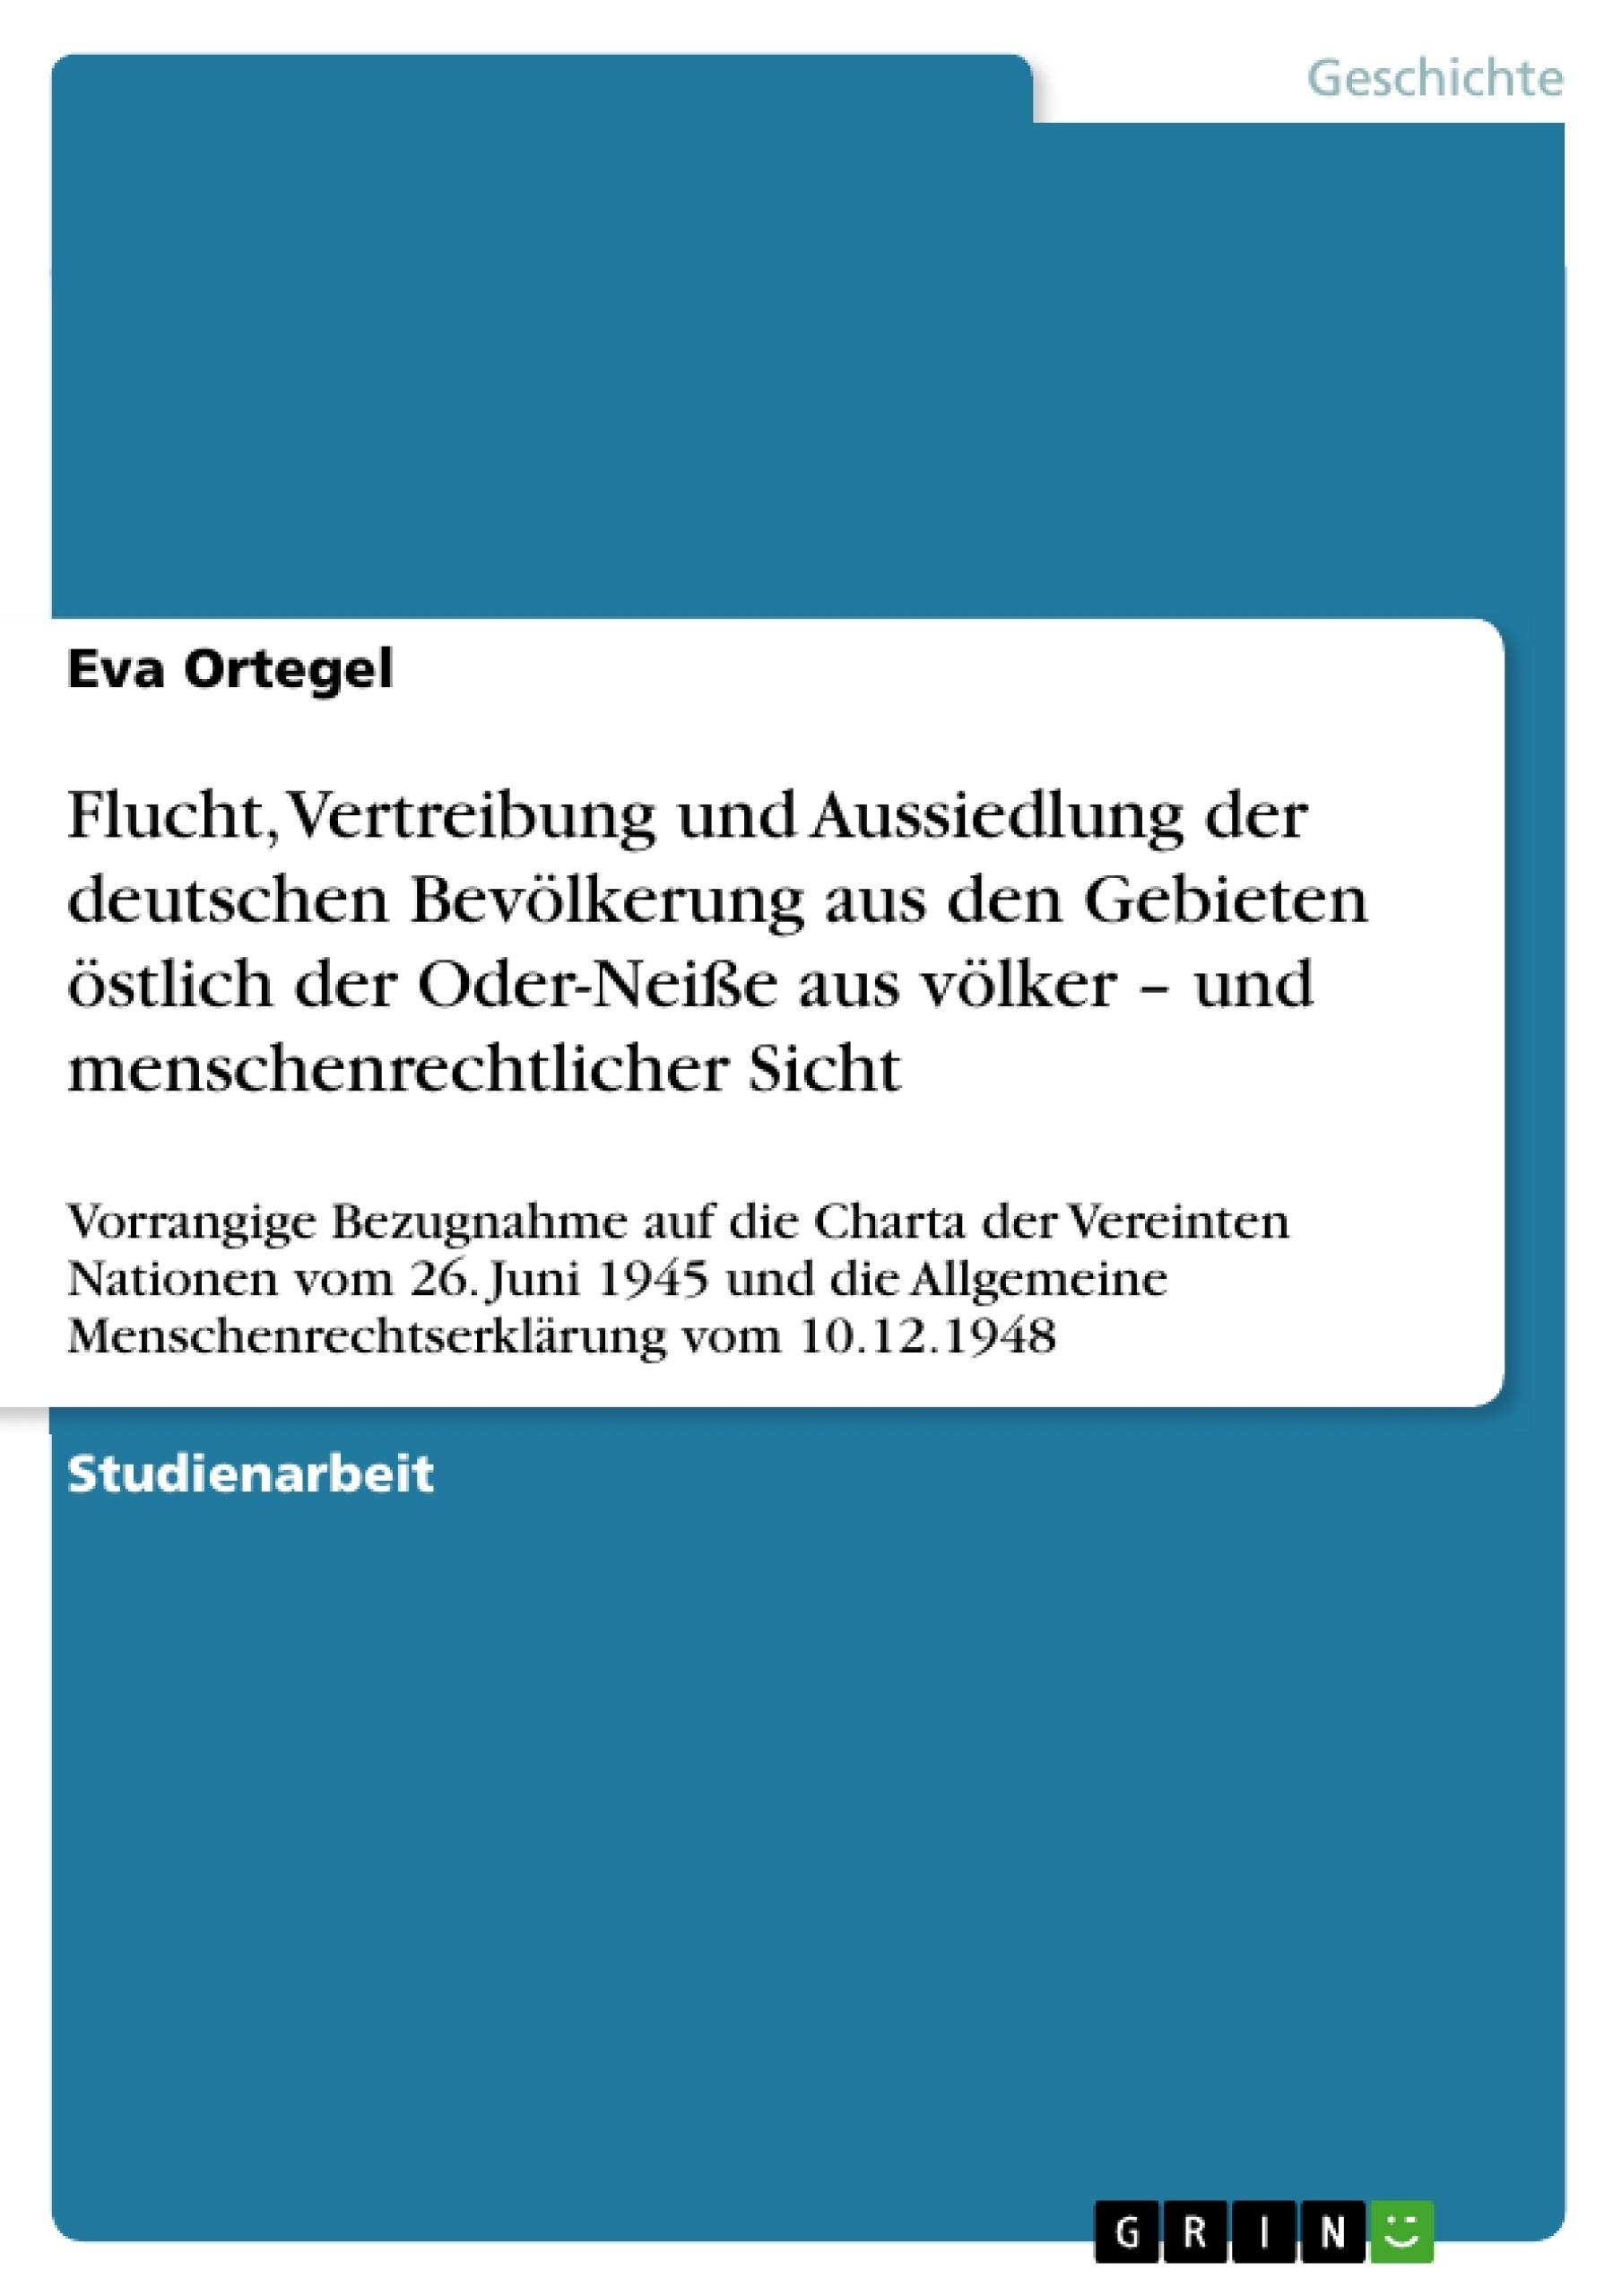 Titel: Flucht, Vertreibung und Aussiedlung der deutschen Bevölkerung aus den Gebieten östlich der Oder-Neiße aus völker – und menschenrechtlicher Sicht